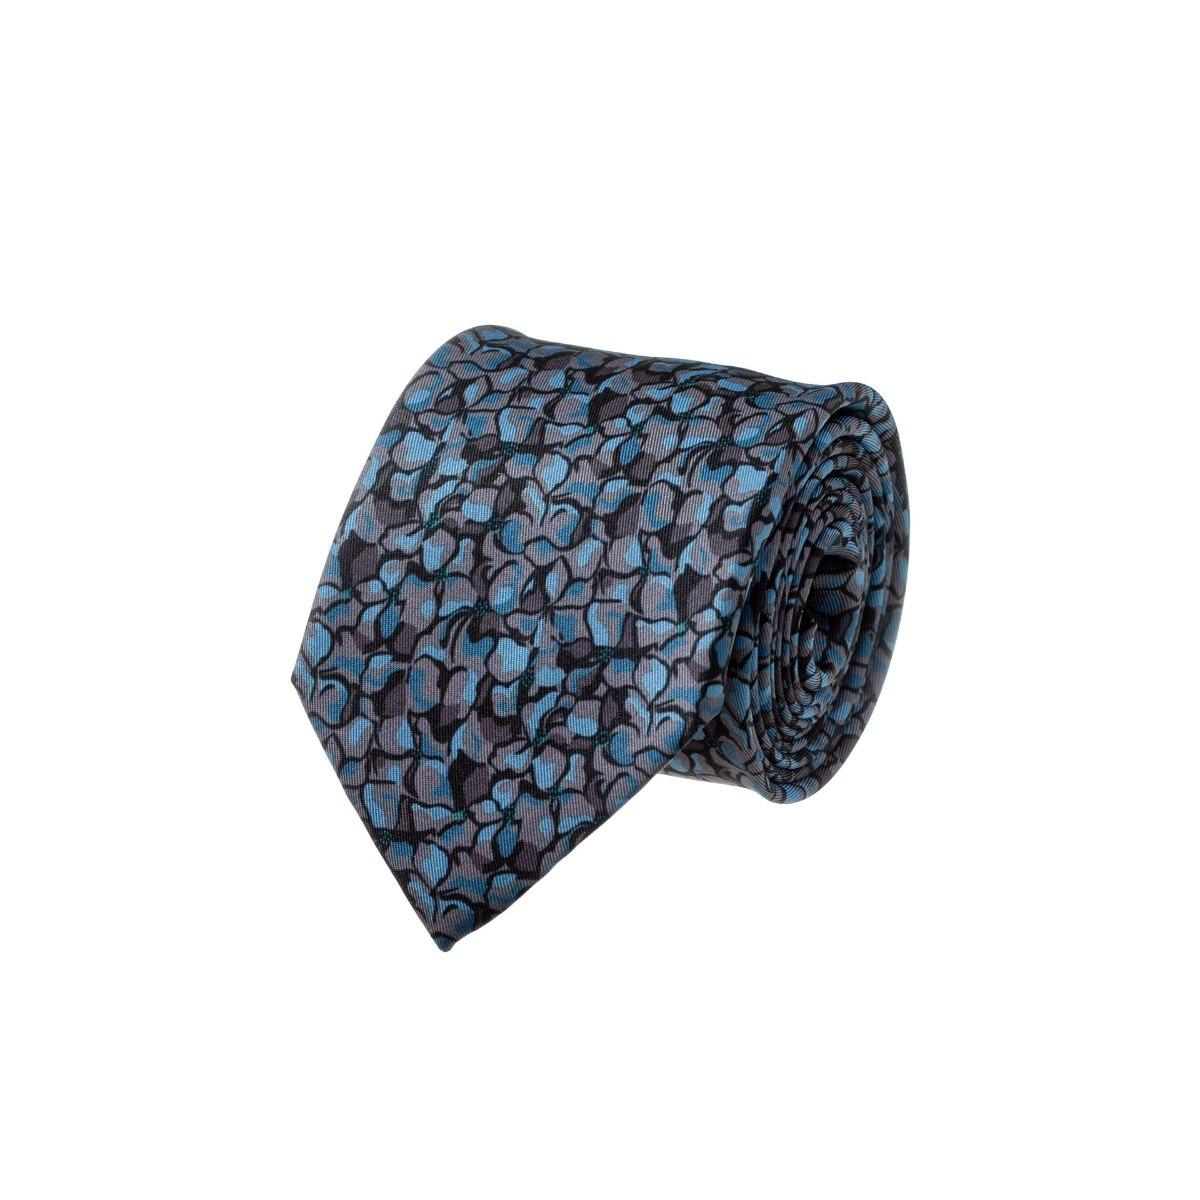 עניבה מודפסת כתמים טורקיז על אפור